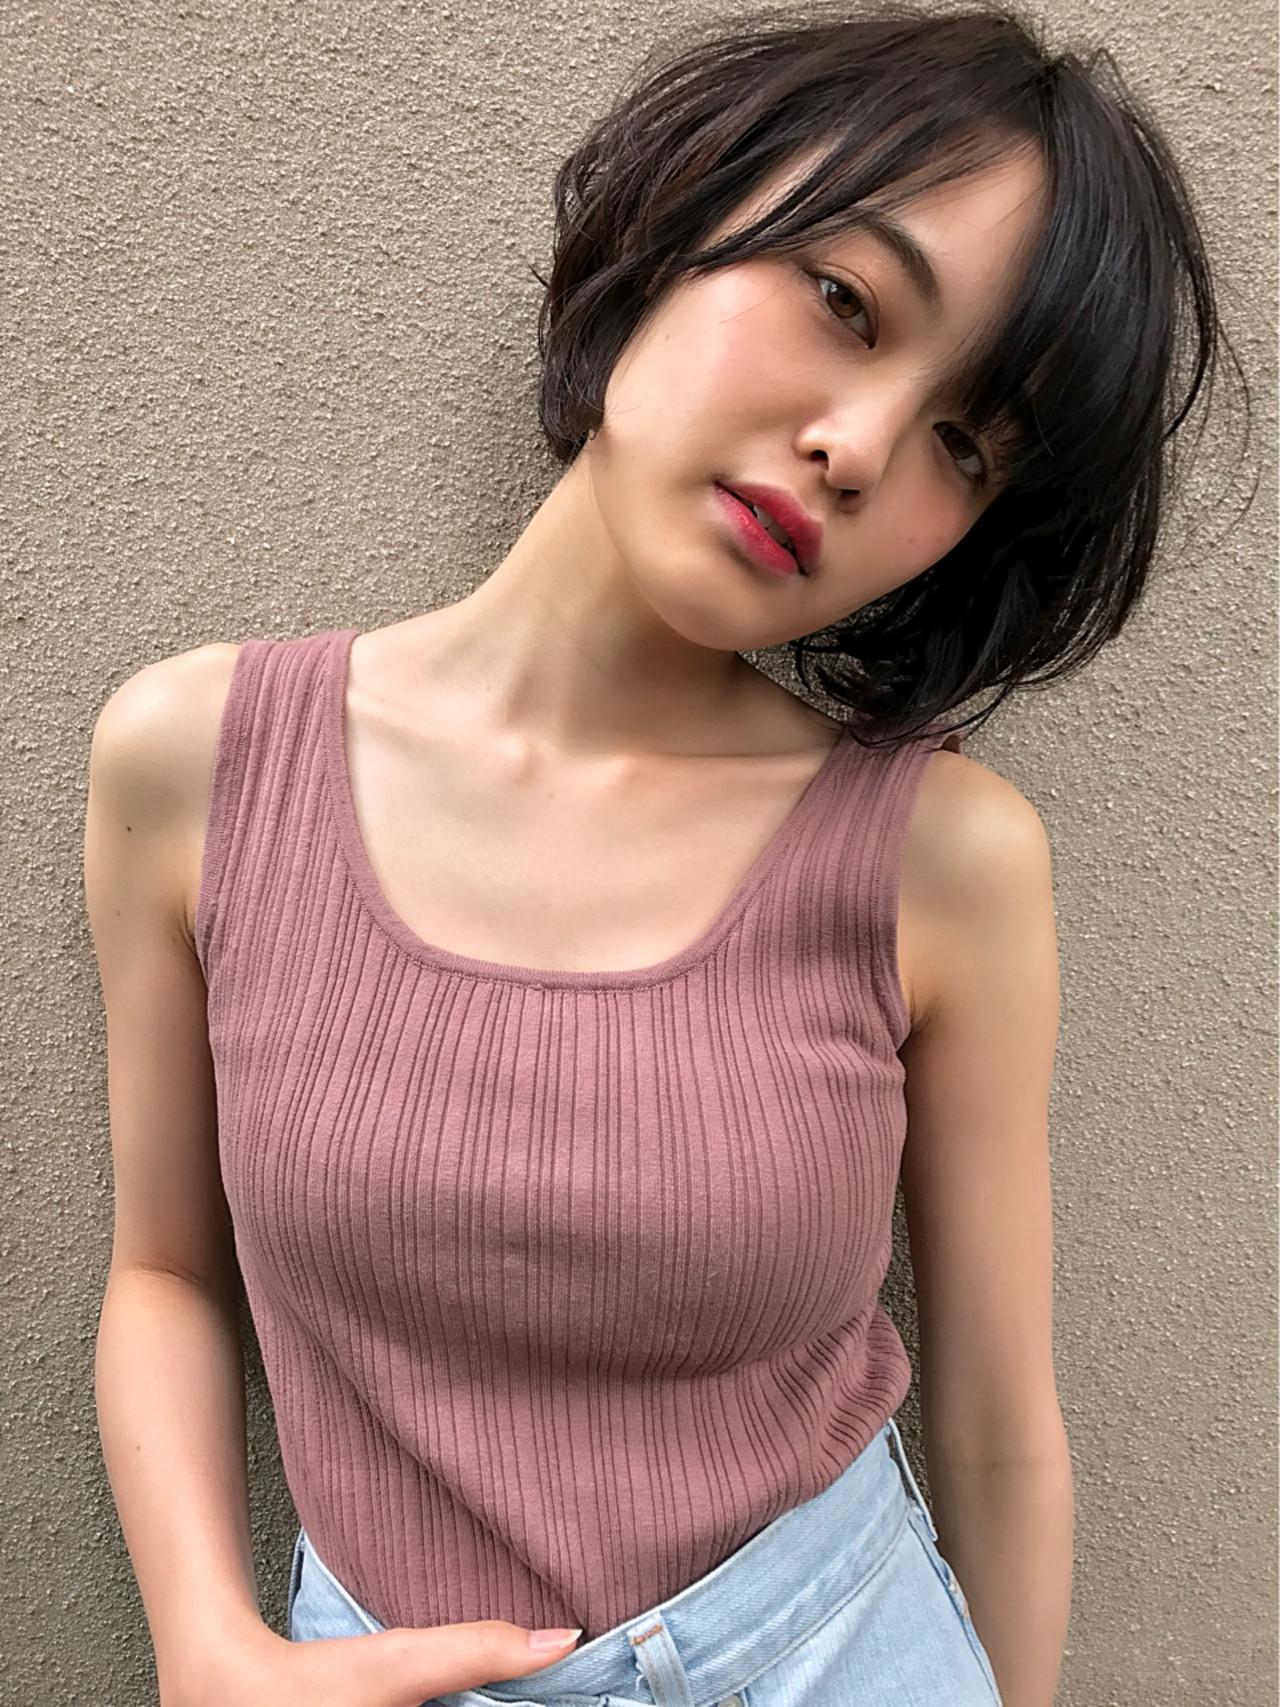 夏 透明感 黒髪 春 ヘアスタイルや髪型の写真・画像 | Kohe Kamijo / Zina Central